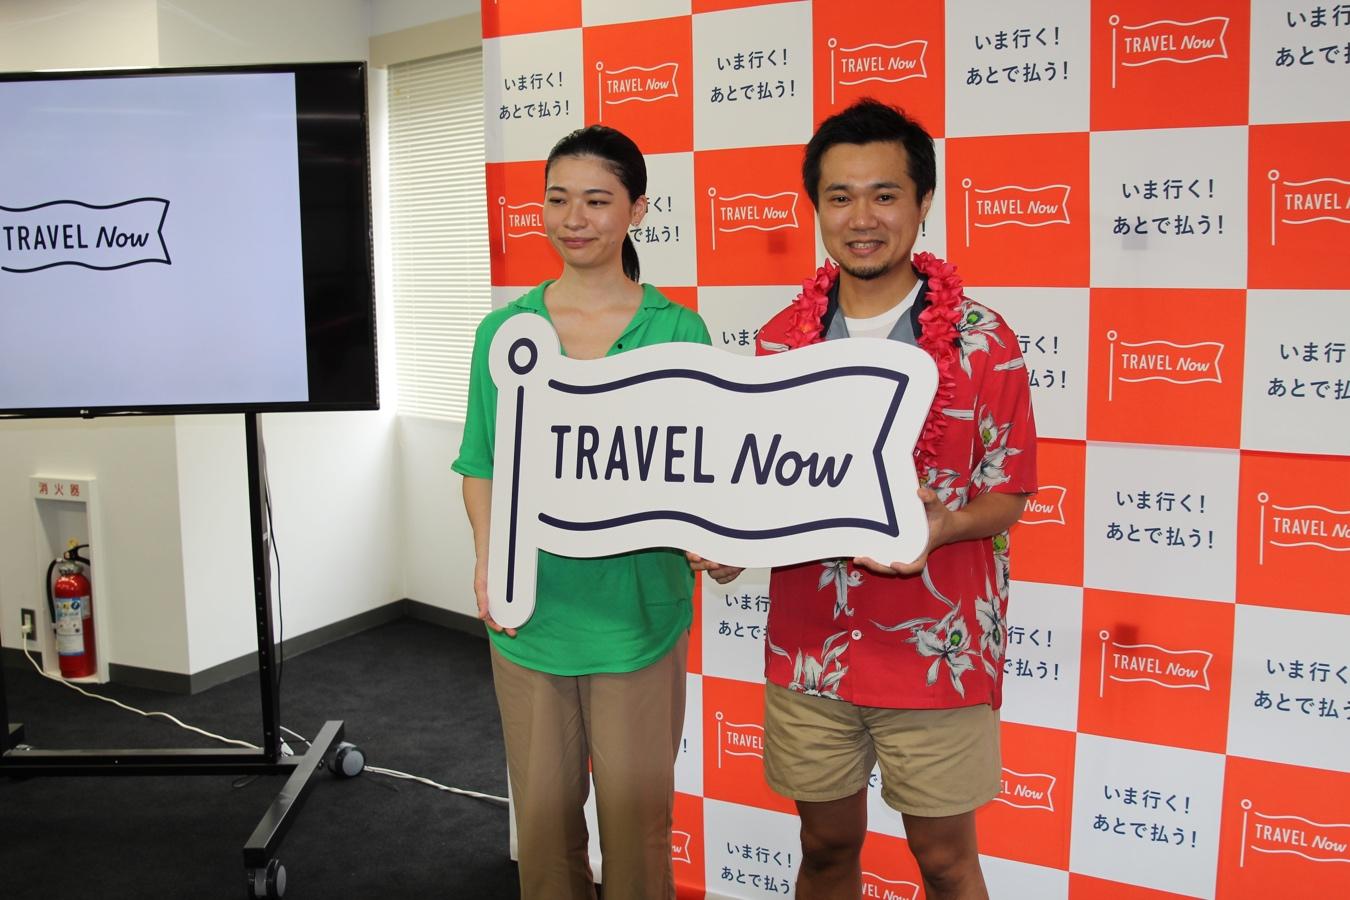 """""""性善説""""により創出される新たなビジネスモデル。あと払い可能な旅行代理店アプリ「トラベルナウ」が狙うは少額資金のニーズ"""